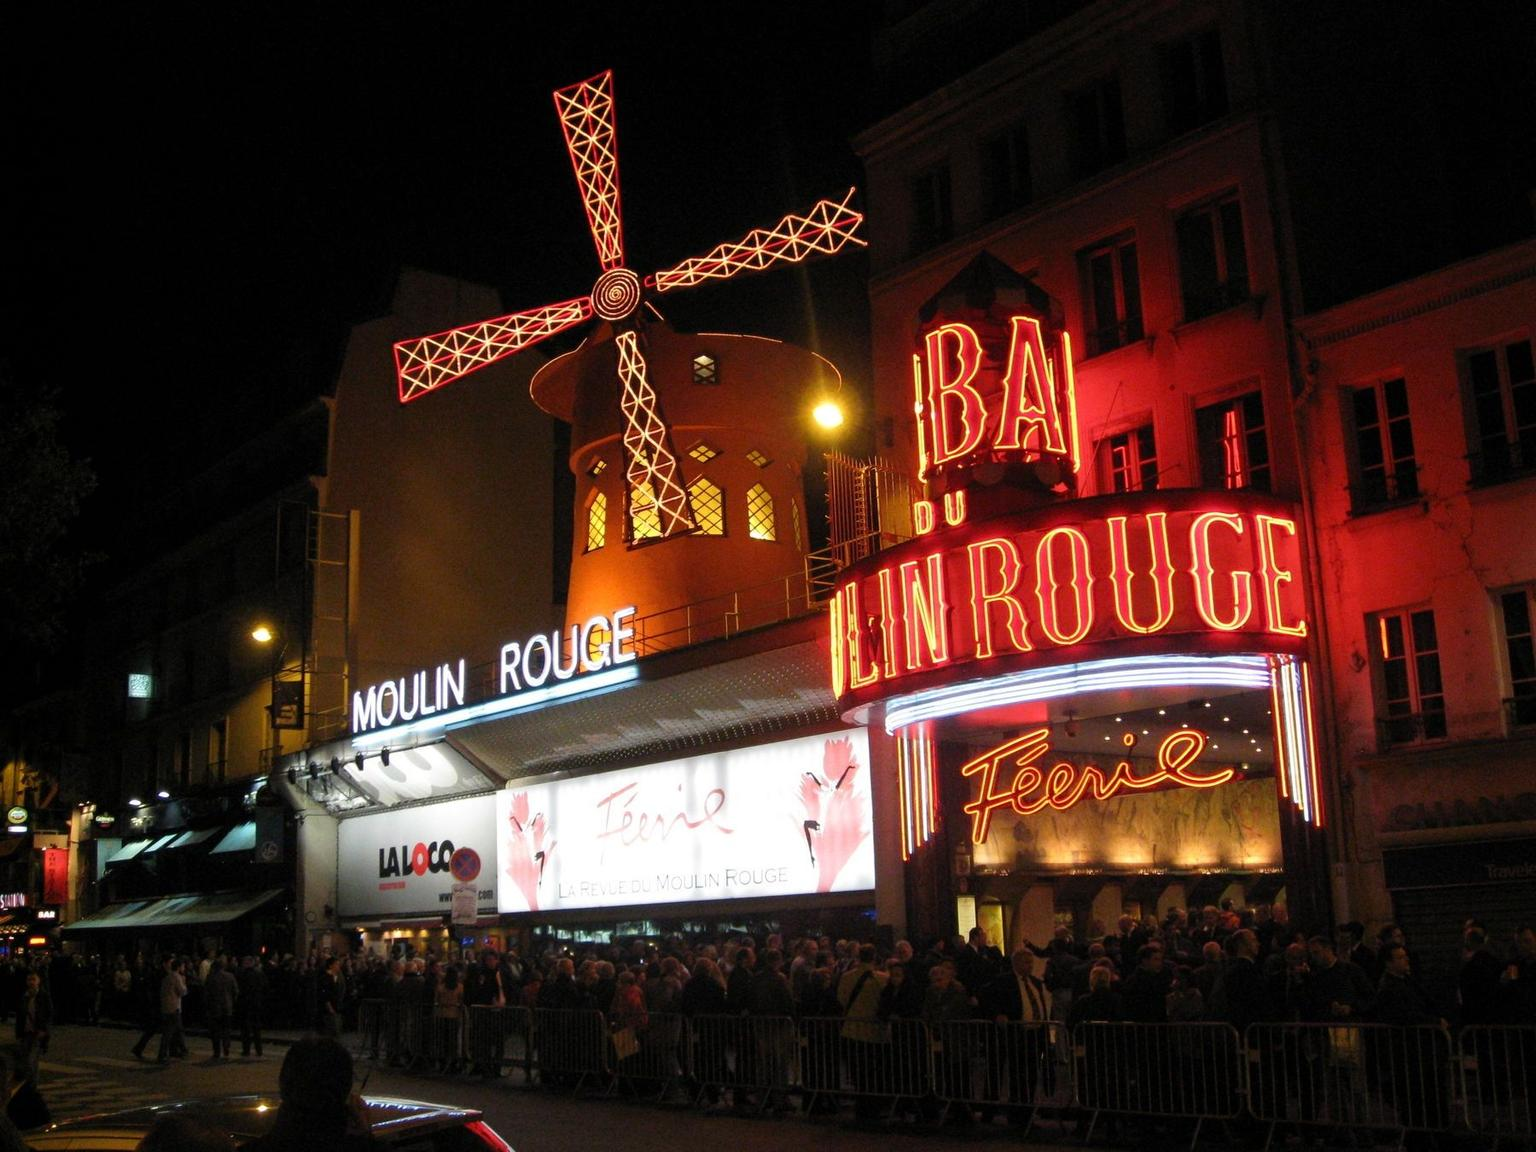 MAIS FOTOS, Show no Moulin Rouge com traslados